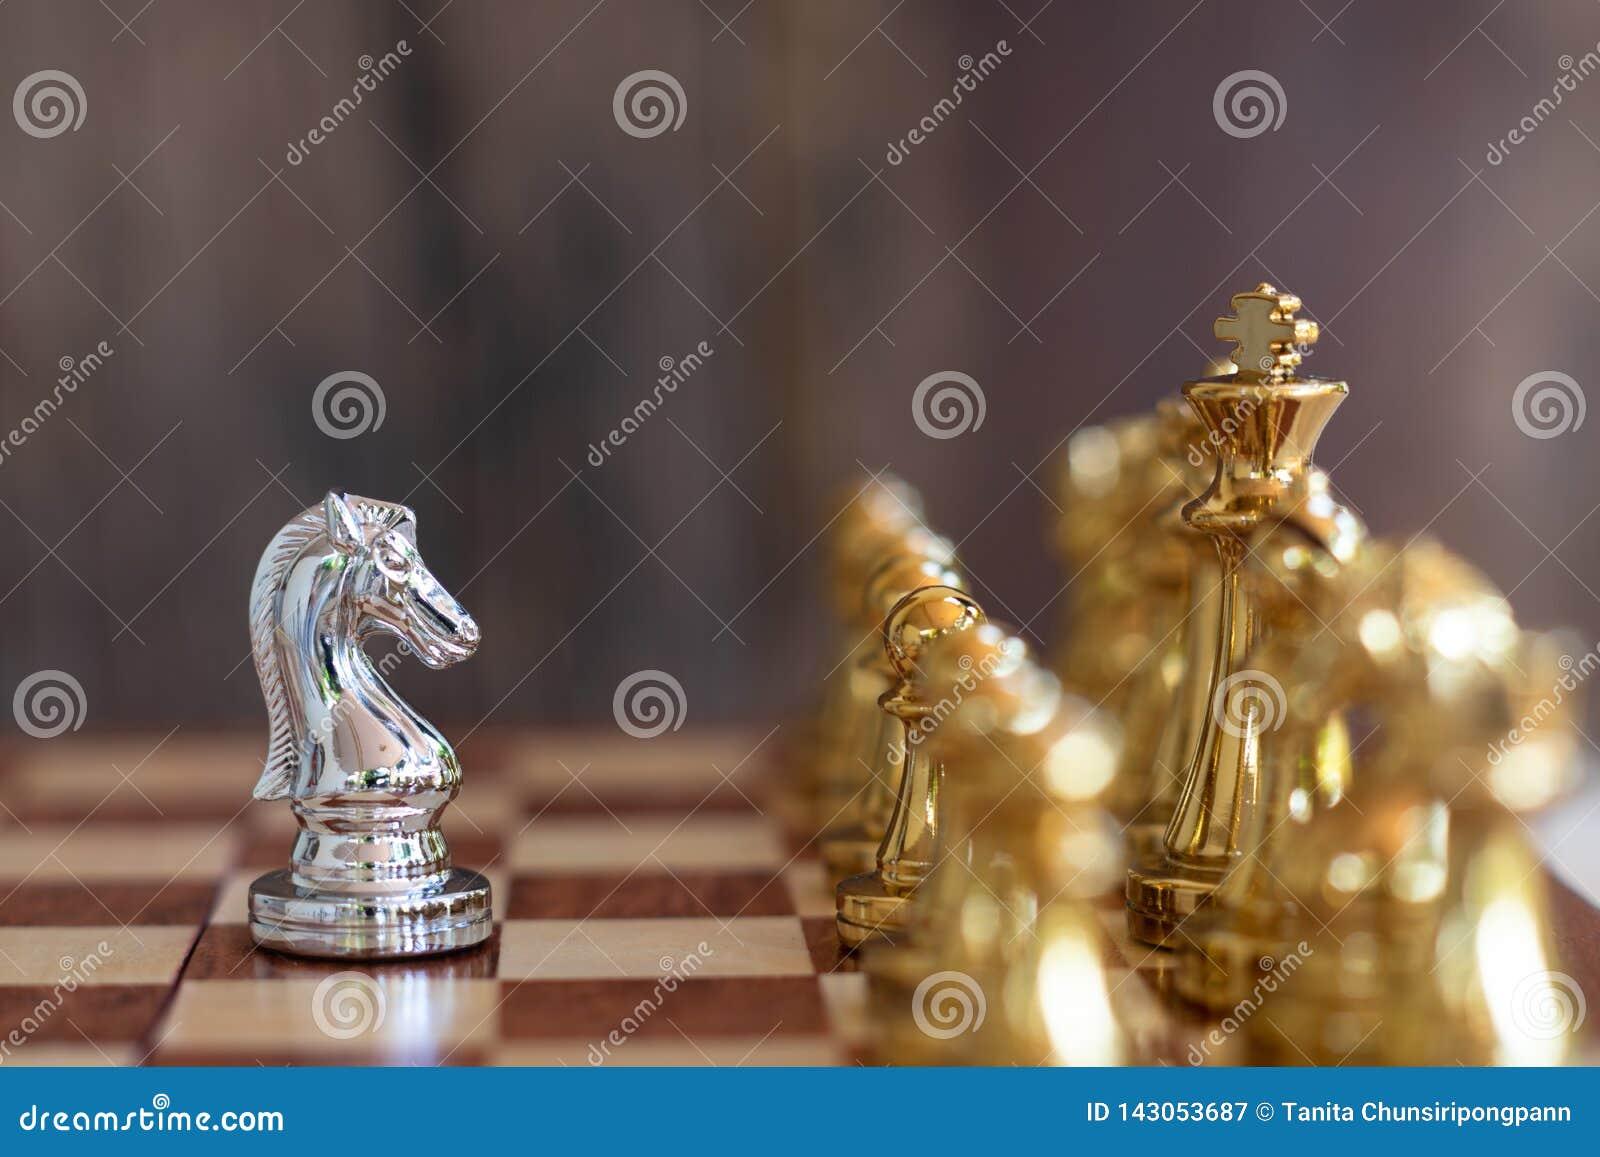 Szachowa gra planszowa, biznesowy konkurencyjny pojęcie